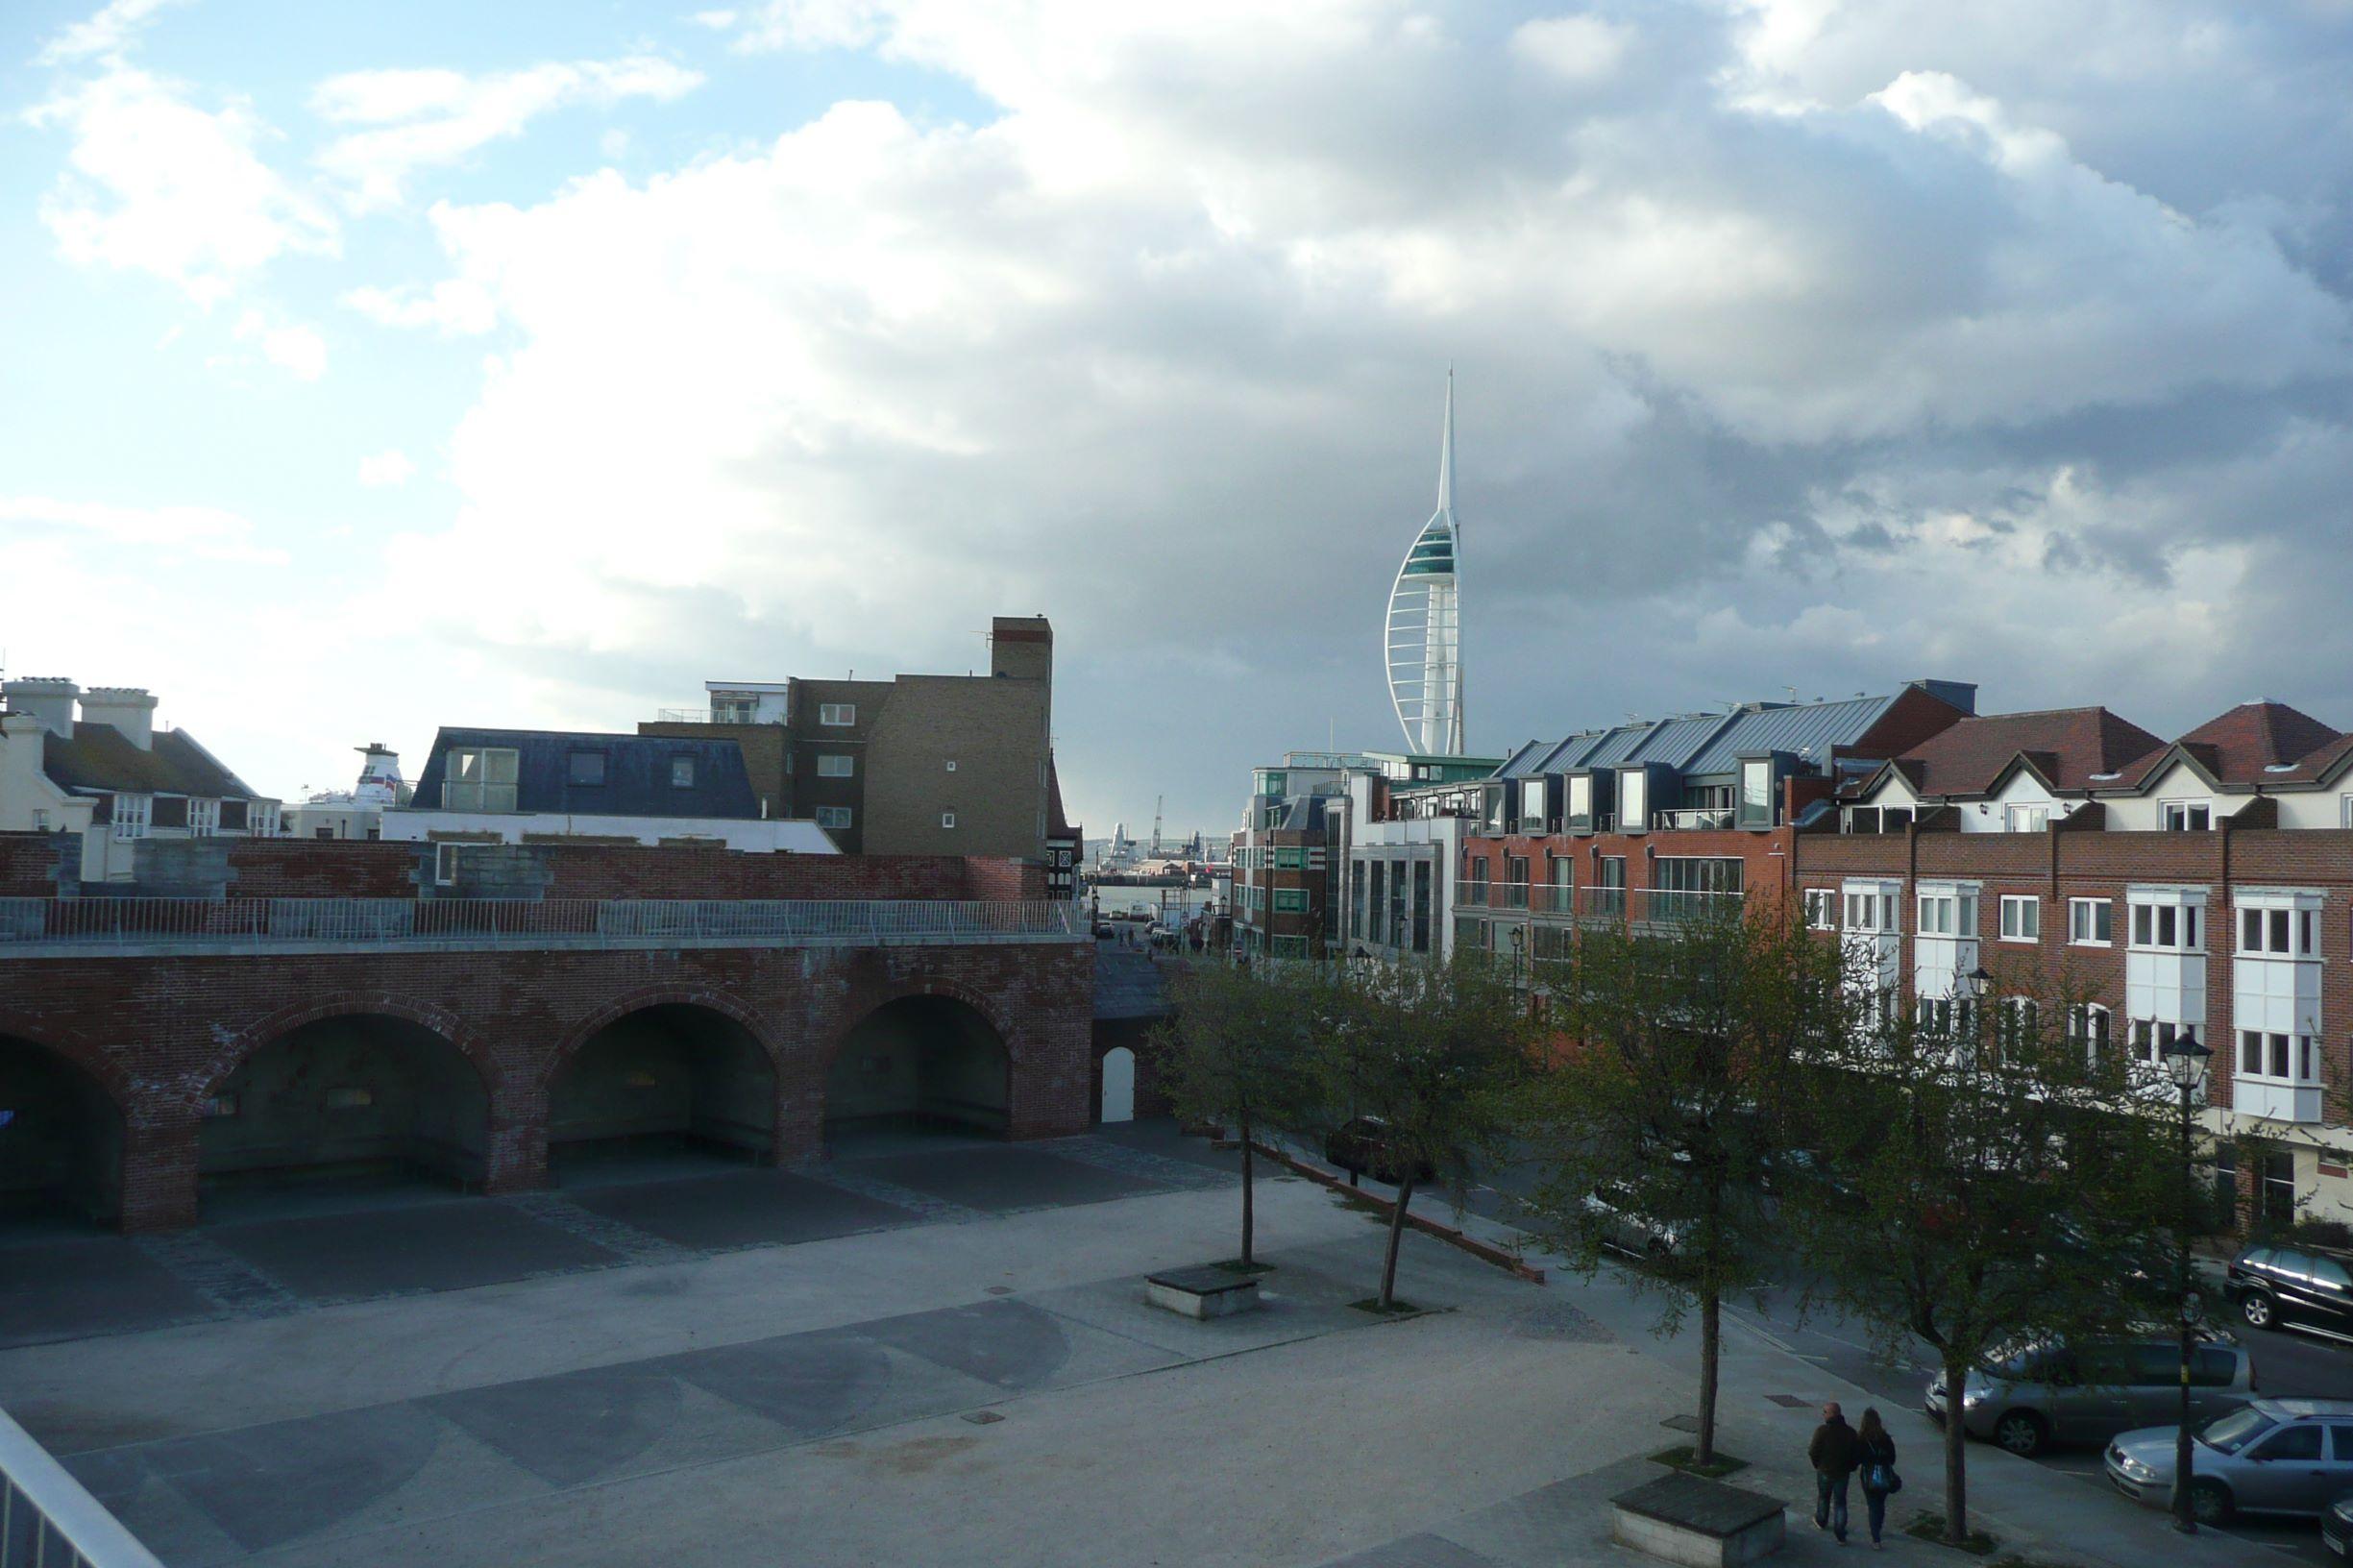 A Clarence mólótól a másik irányba indulva a történelmi dokkok, a hadikikötő, a Spinnaker torony és a városközpont felé haladtunk